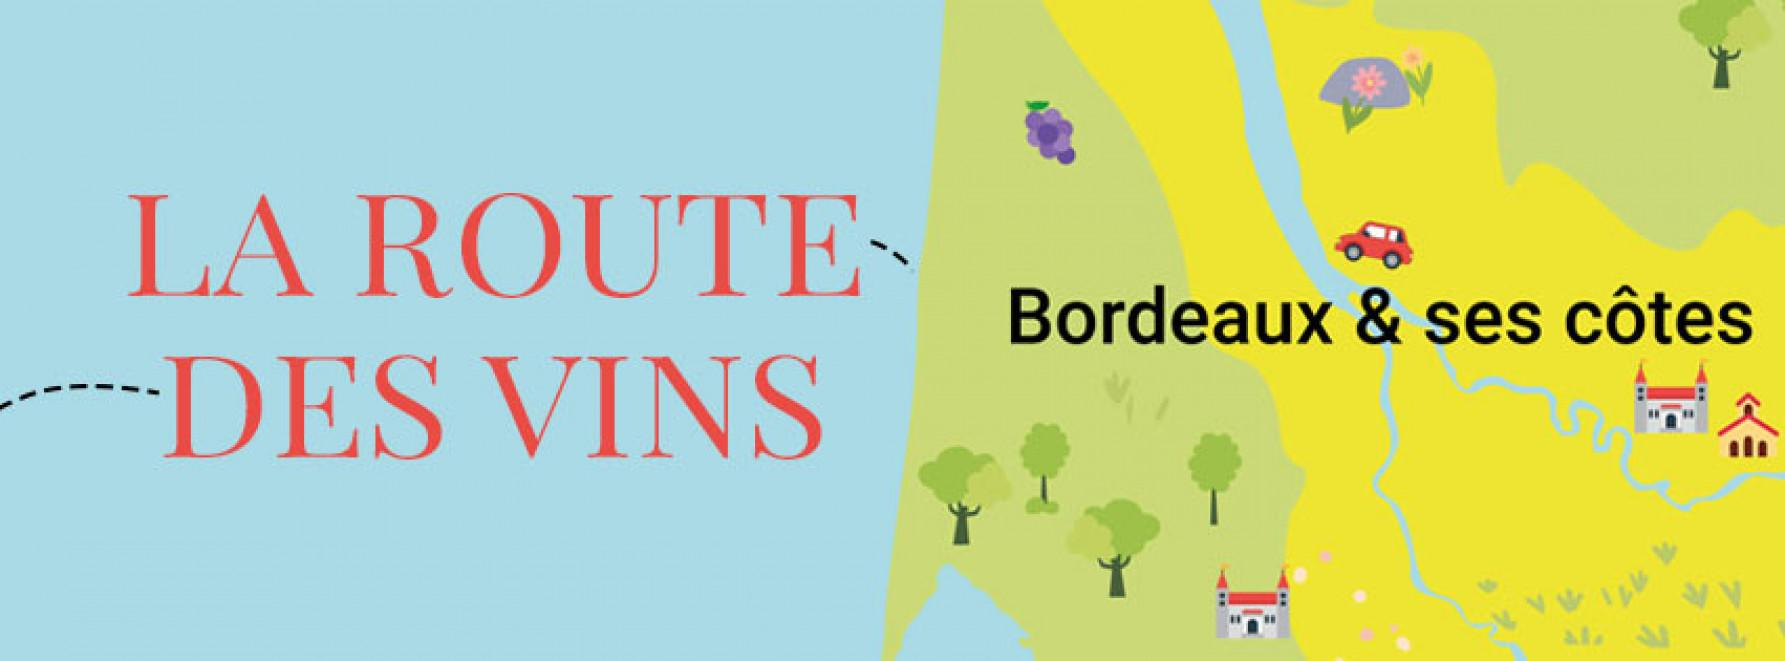 La route des vins : direction Bordeaux et ses Côtes